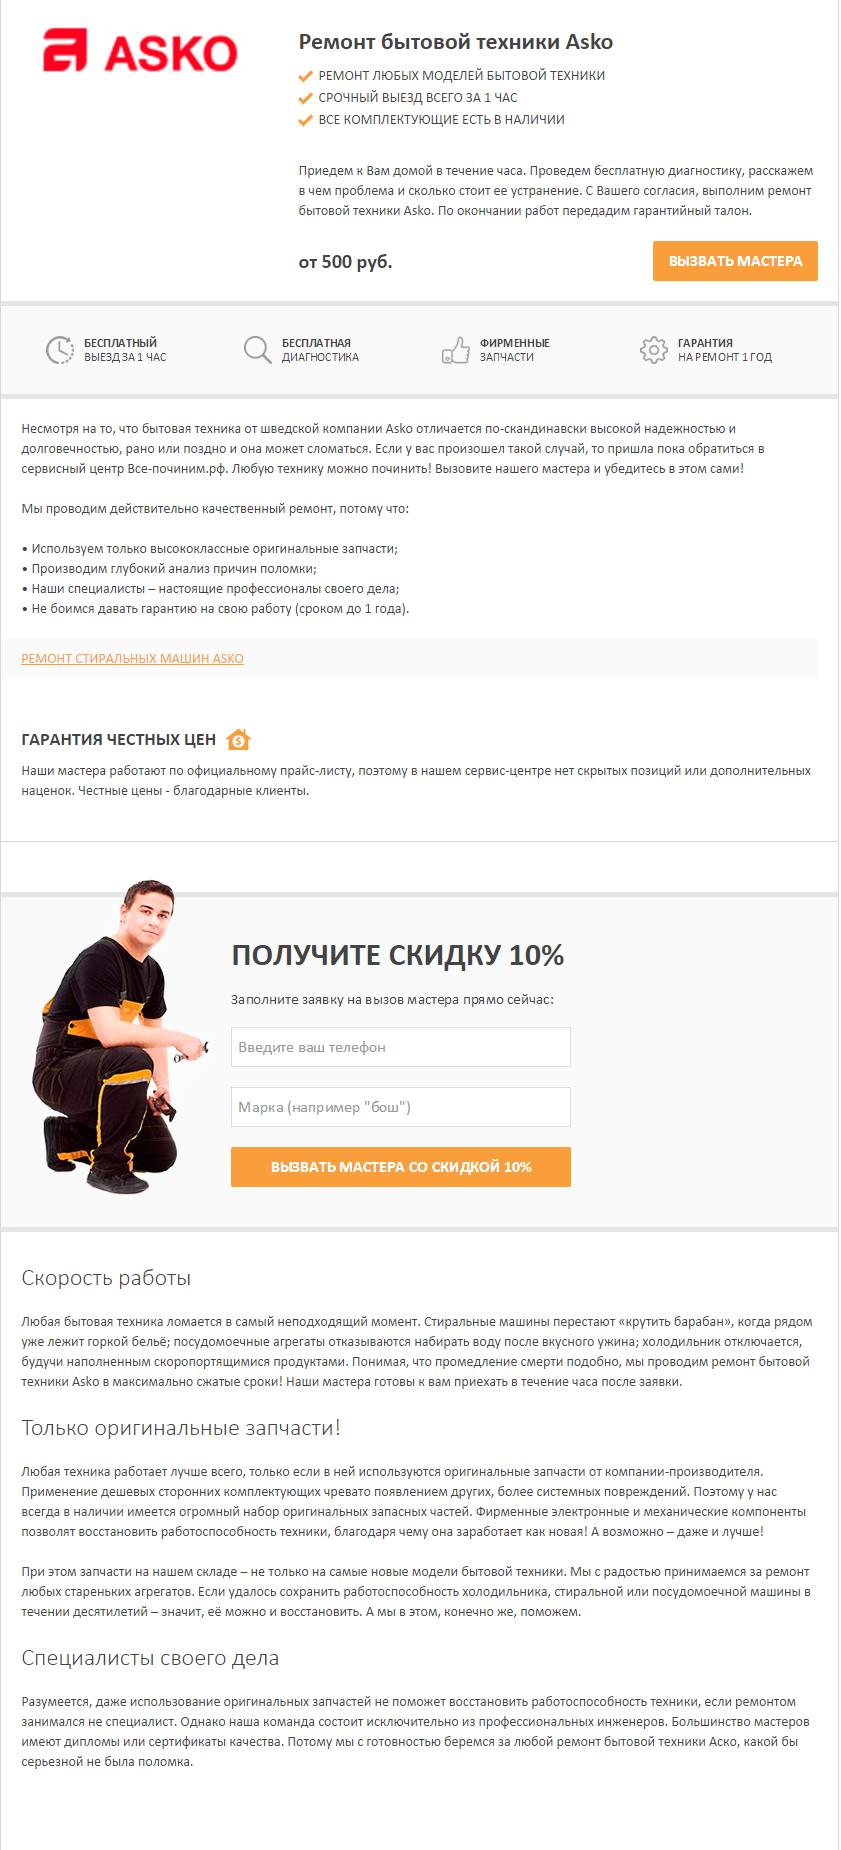 Продающий текст Ремонт бытовой техники Asko